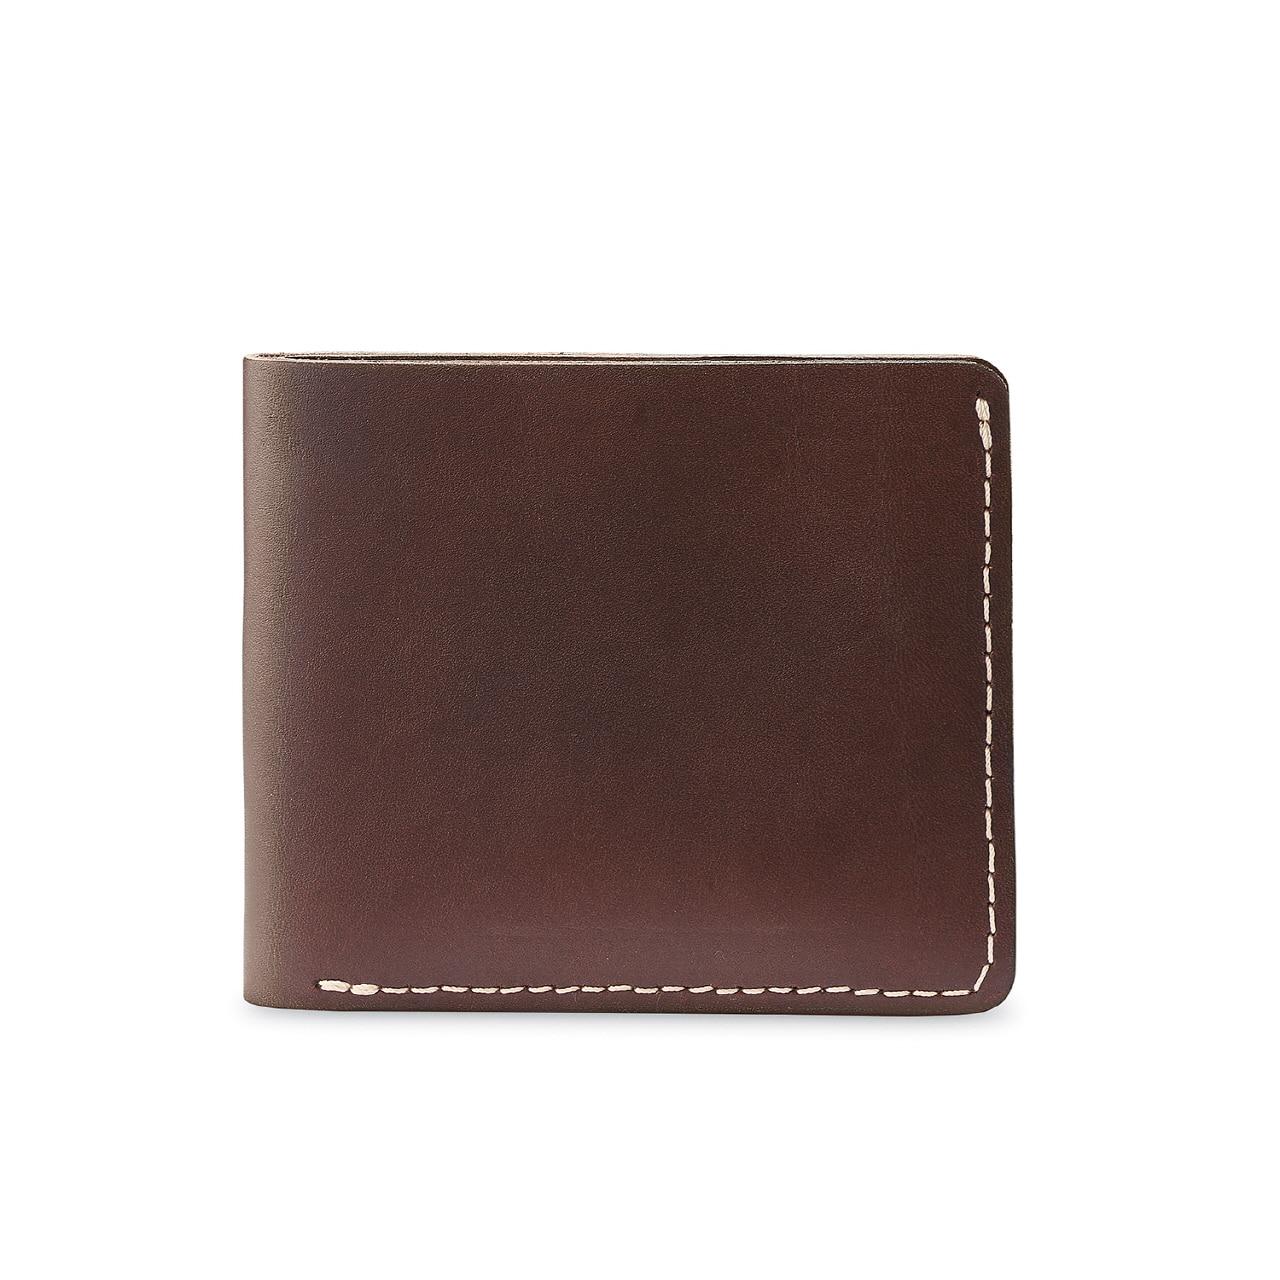 클래식 바이폴드 지갑 95034 - 앰버 프론티어